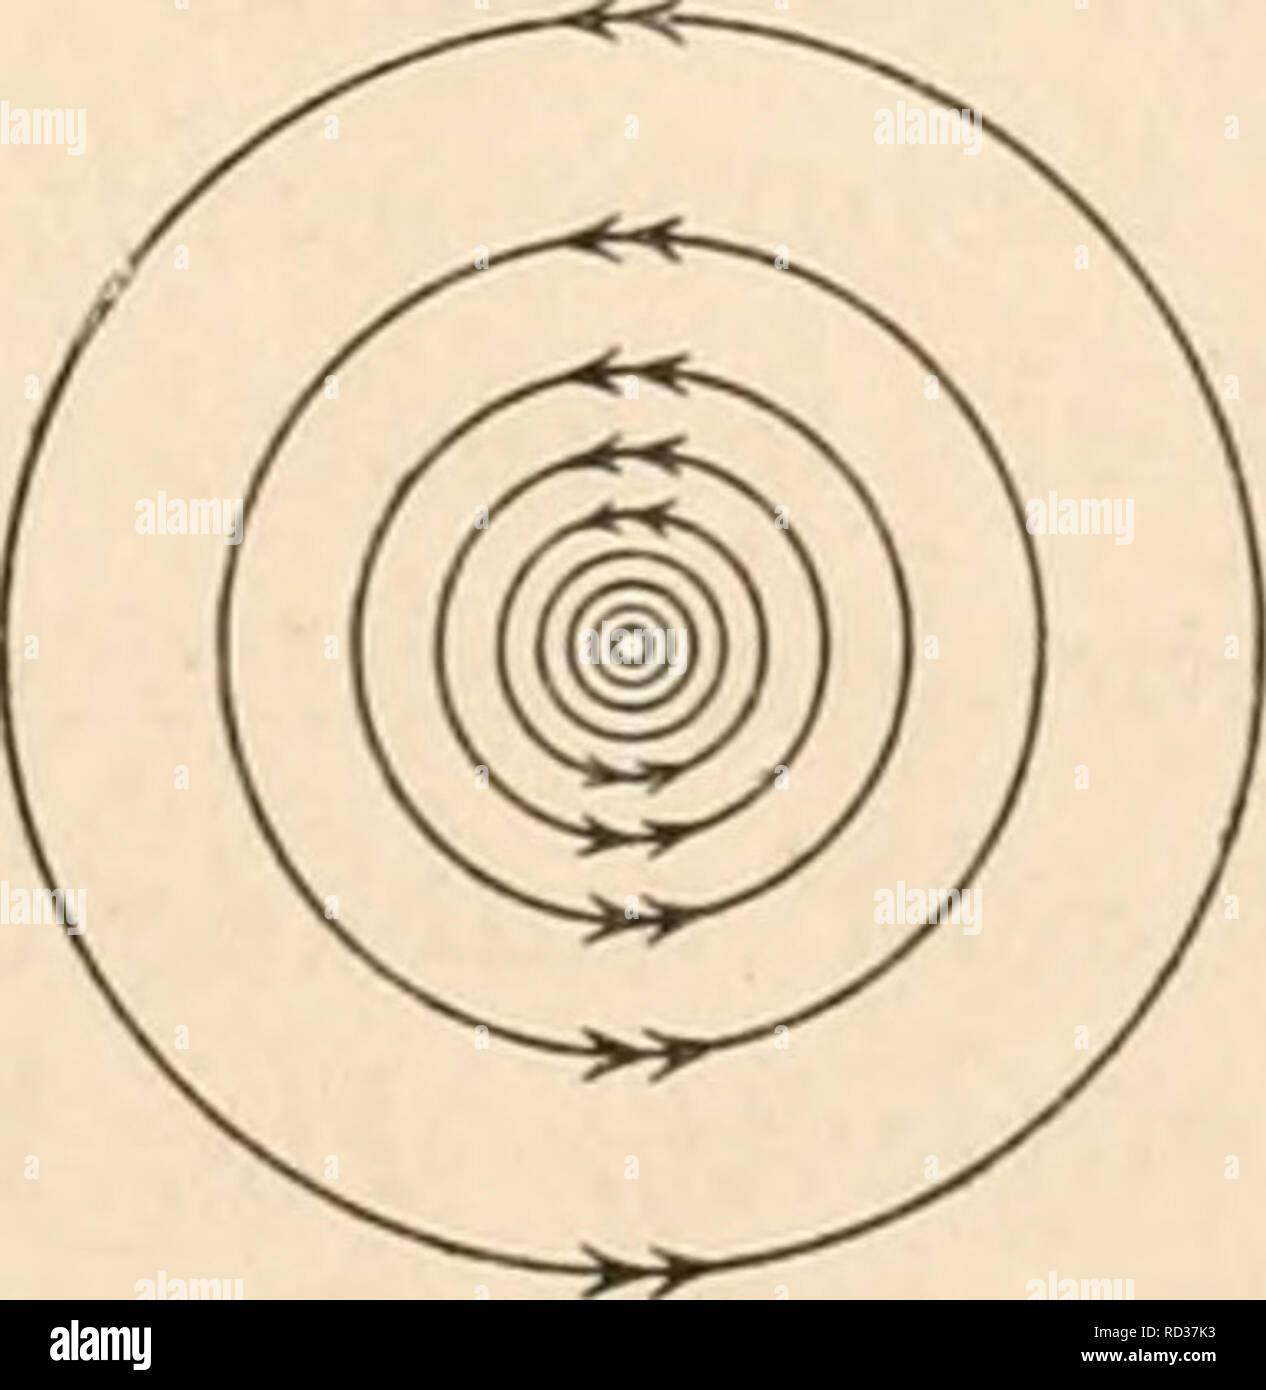 . Elektrophysiologie menschlicher Muskeln. Electrophysiology. Abb. 7. Abb. 7 a. Abb. 7 und 7a. Kraftlinien des permanenten Magneten, wie in Abb. 6. Konzentrische Kraftlinien- ringe um den Stromleiter haben aber Gegenuhrzeiger (vgl. Abb. 7a), weil die Stromriehtung umgekehrt wie in Abb. 6 angenommen ist. Ablenkung des Stromleiters in Richtung des Pfeiles (nach oben in der Abb. 6). teten Kraftlinien, ihr Querdruck nimmt dementsprechend zu und es entsteht die Tendenz, den Stromleiter quer zur Richtung der Krafthnien (in Abb. 6 nach unten) in Bewegung zu setzen. Auf der andern Seite des Stromleite Stock Photo